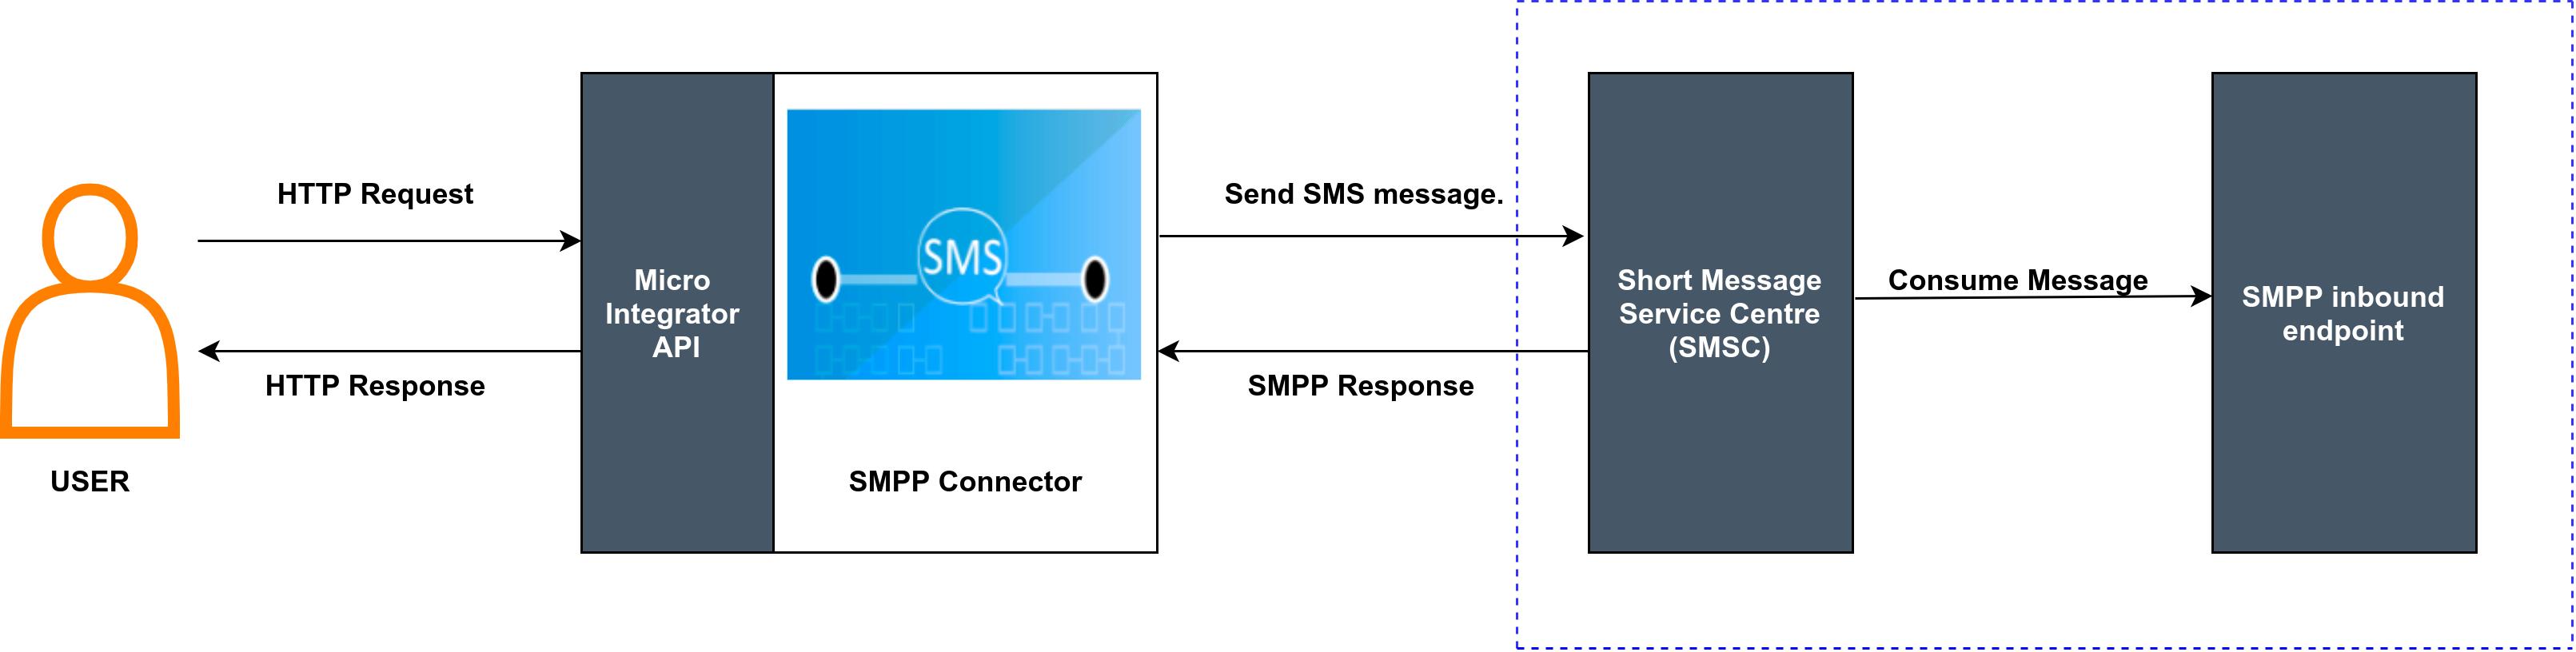 SMPP Inbound Endpoint